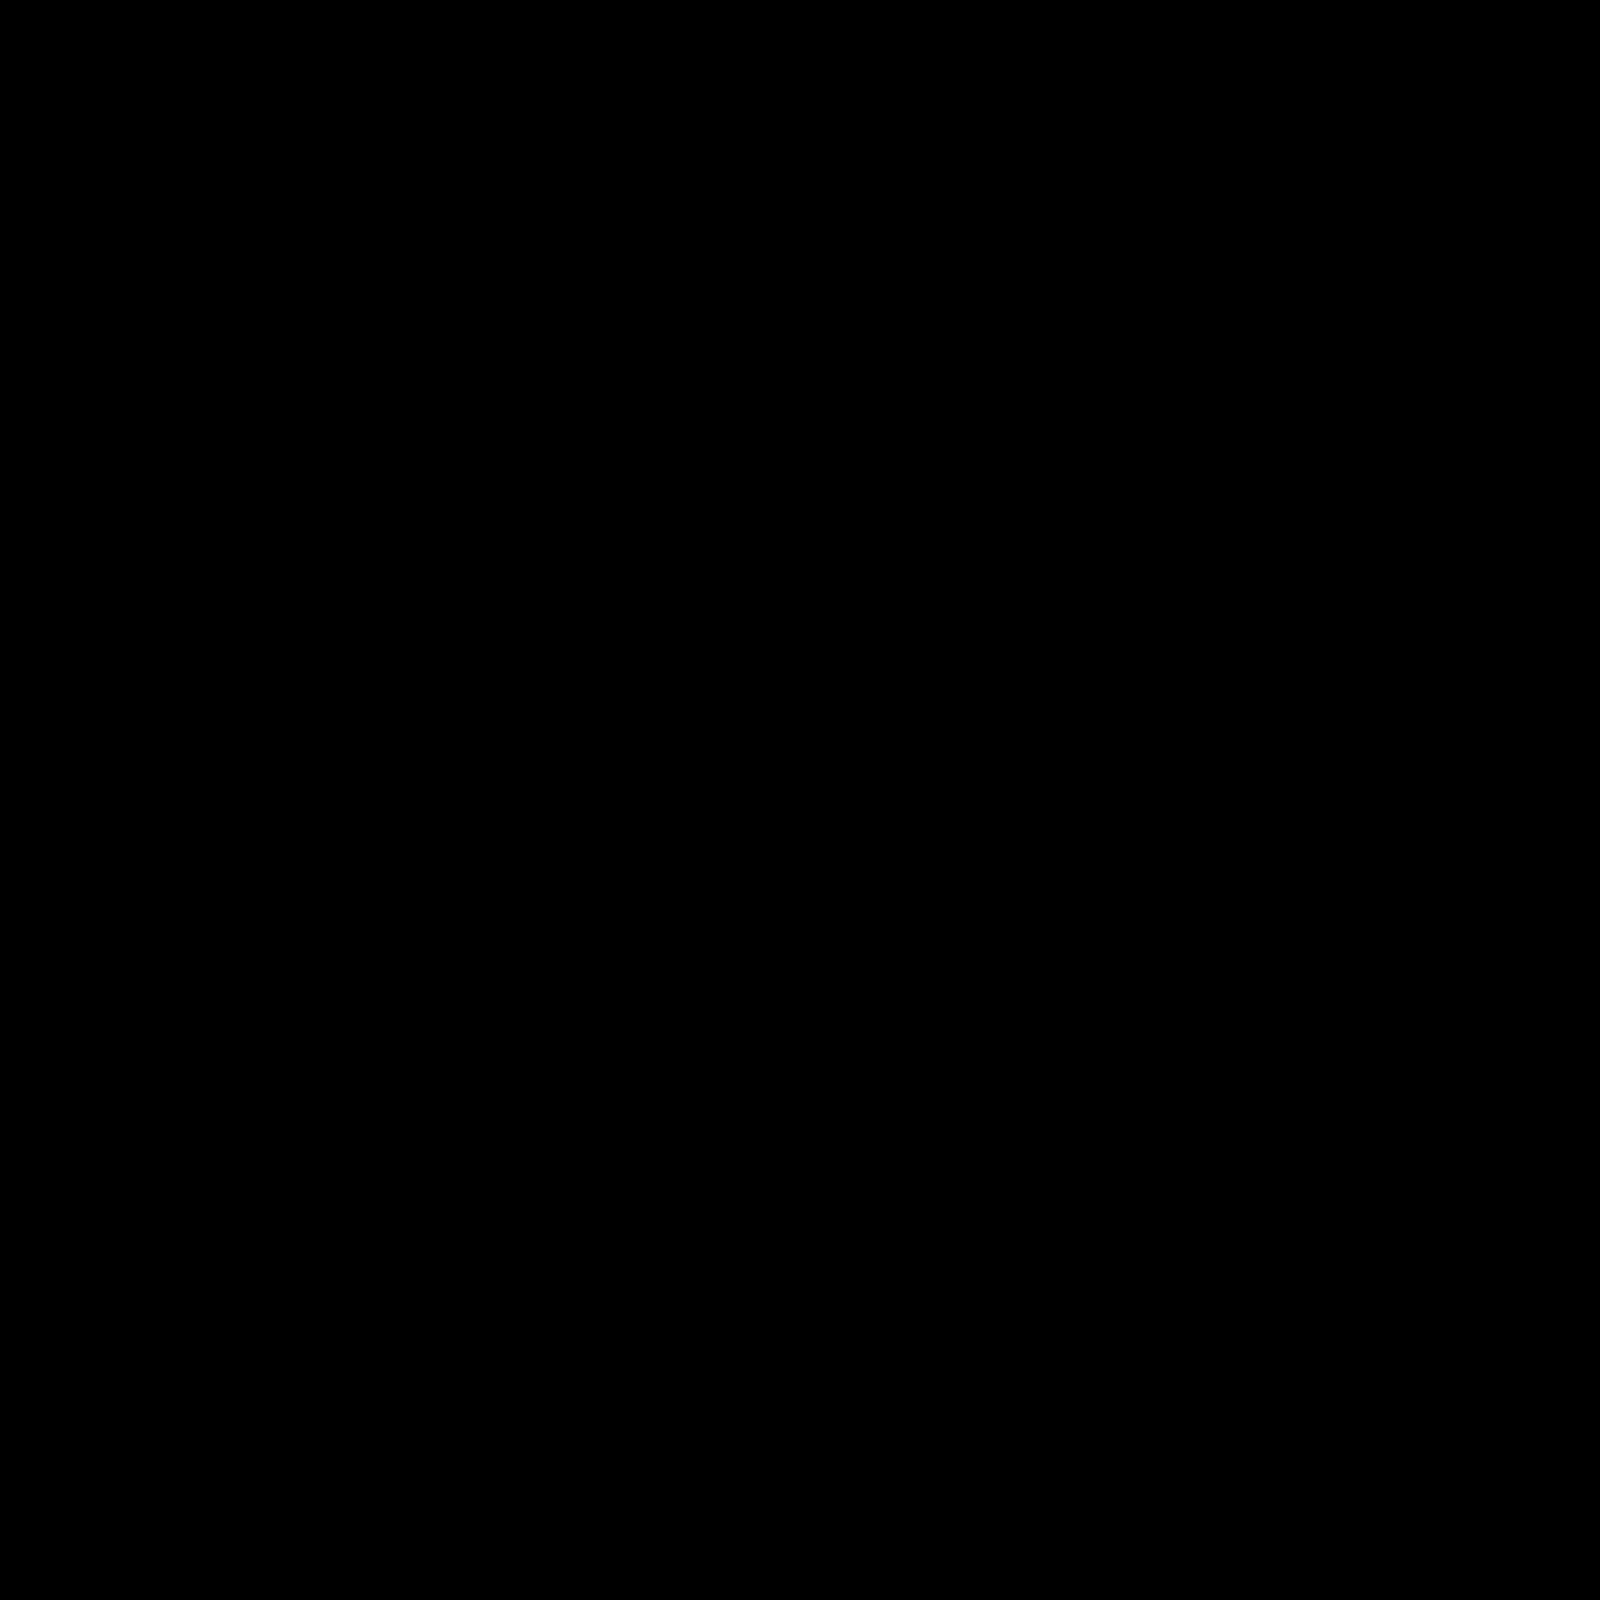 メッシュ icon